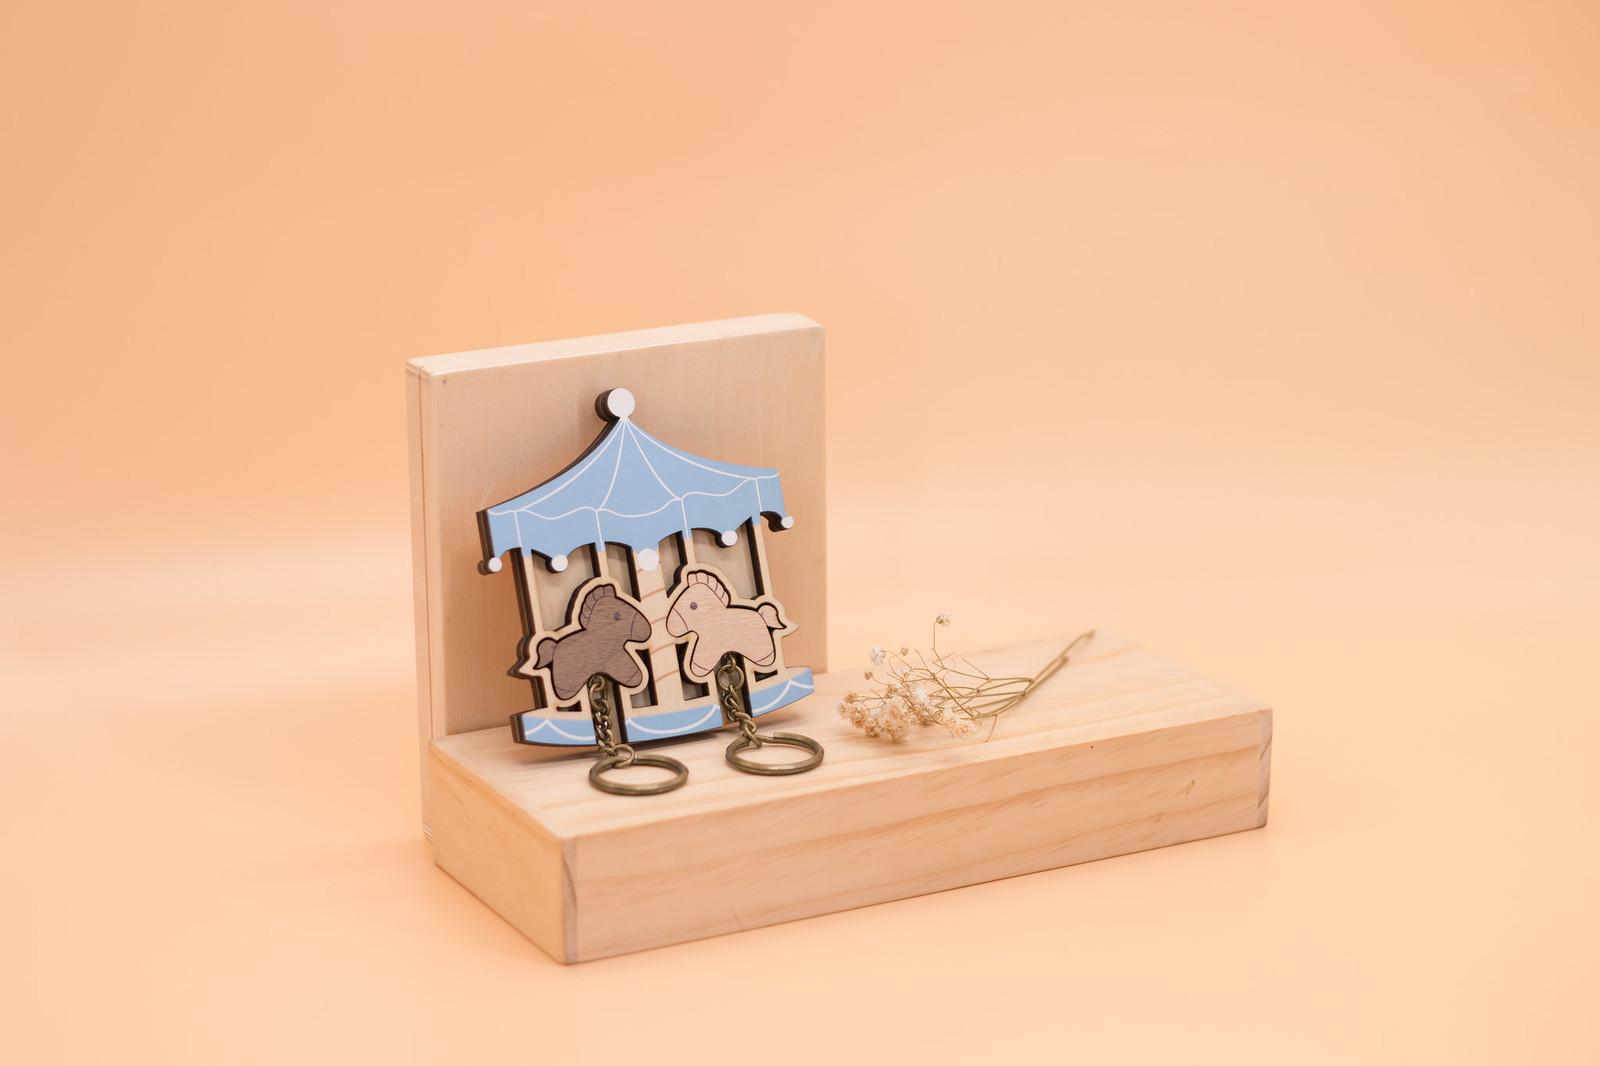 鑰匙圈 客製化 禮物 特色產品 居家 台灣設計 生日 情人節 情侶 遊樂園 雙人 馬 壁掛 簡約 粉藍 多肉 玄關 療癒 聖誕節 收納 裝飾 吊飾 送禮 中性 木 楓木 松木 鑰匙